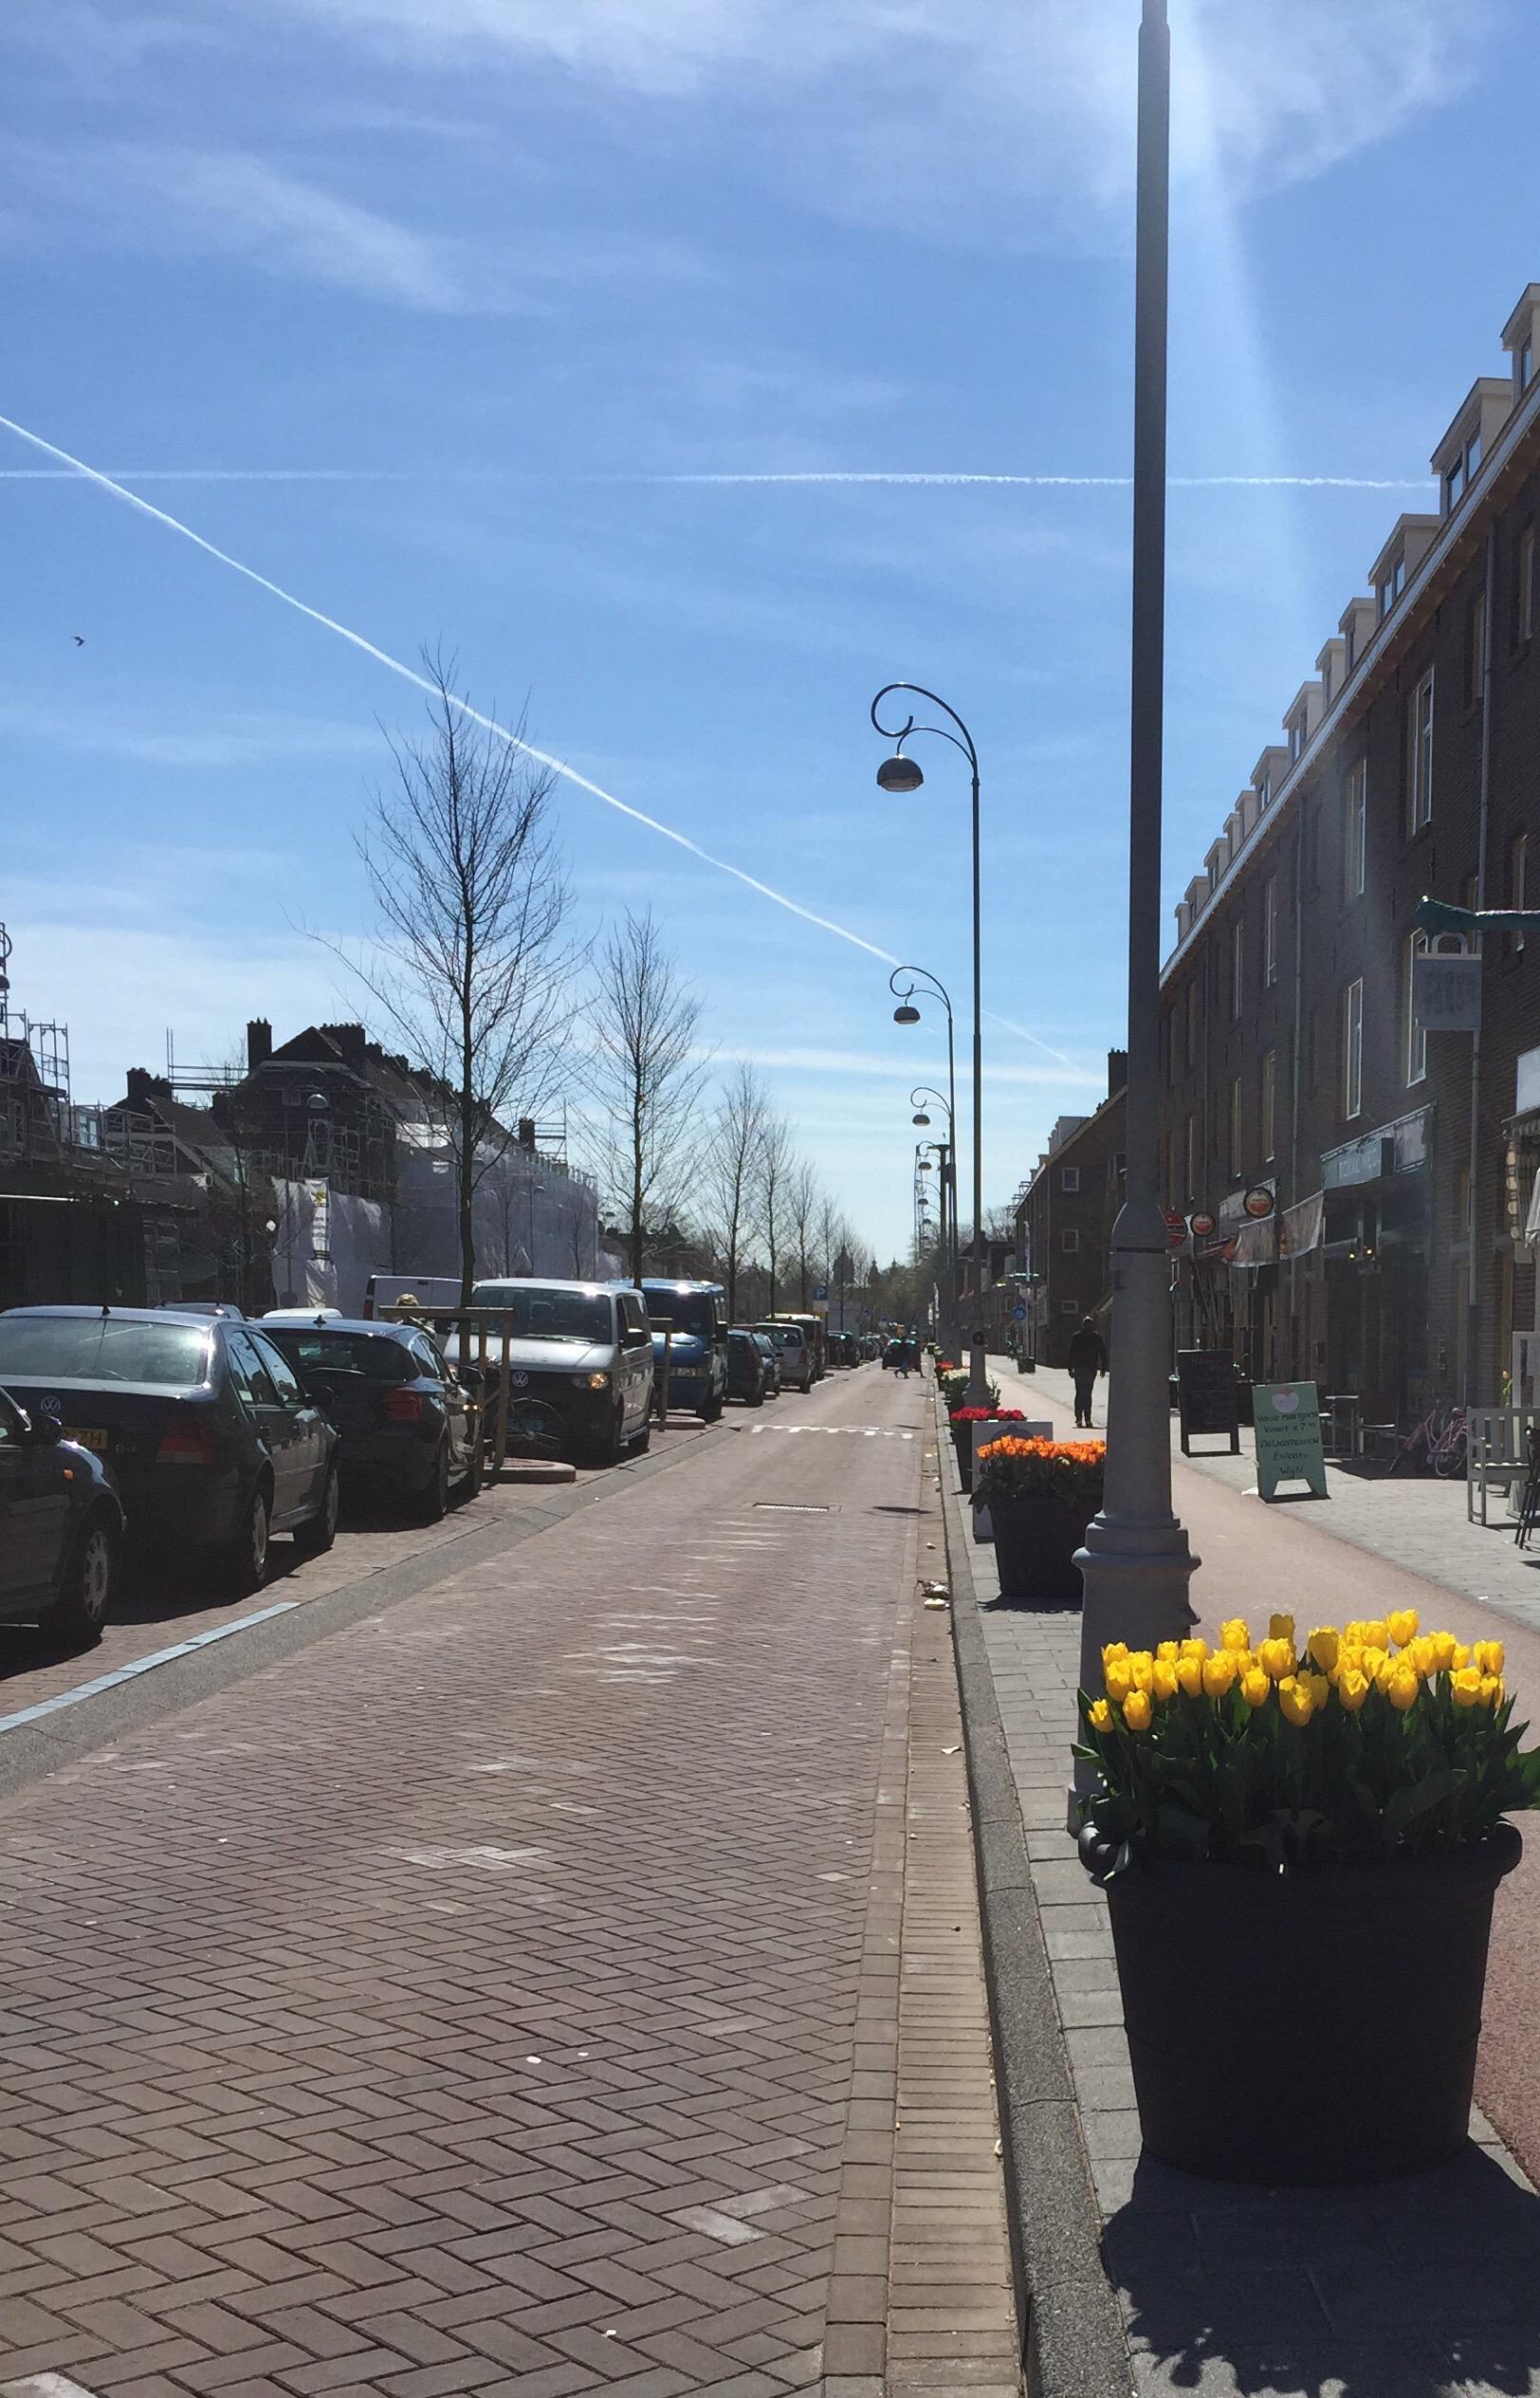 Prachtige tulpenbakken sieren de staat in de Van de Pekstraat in Amsterdam Noord.